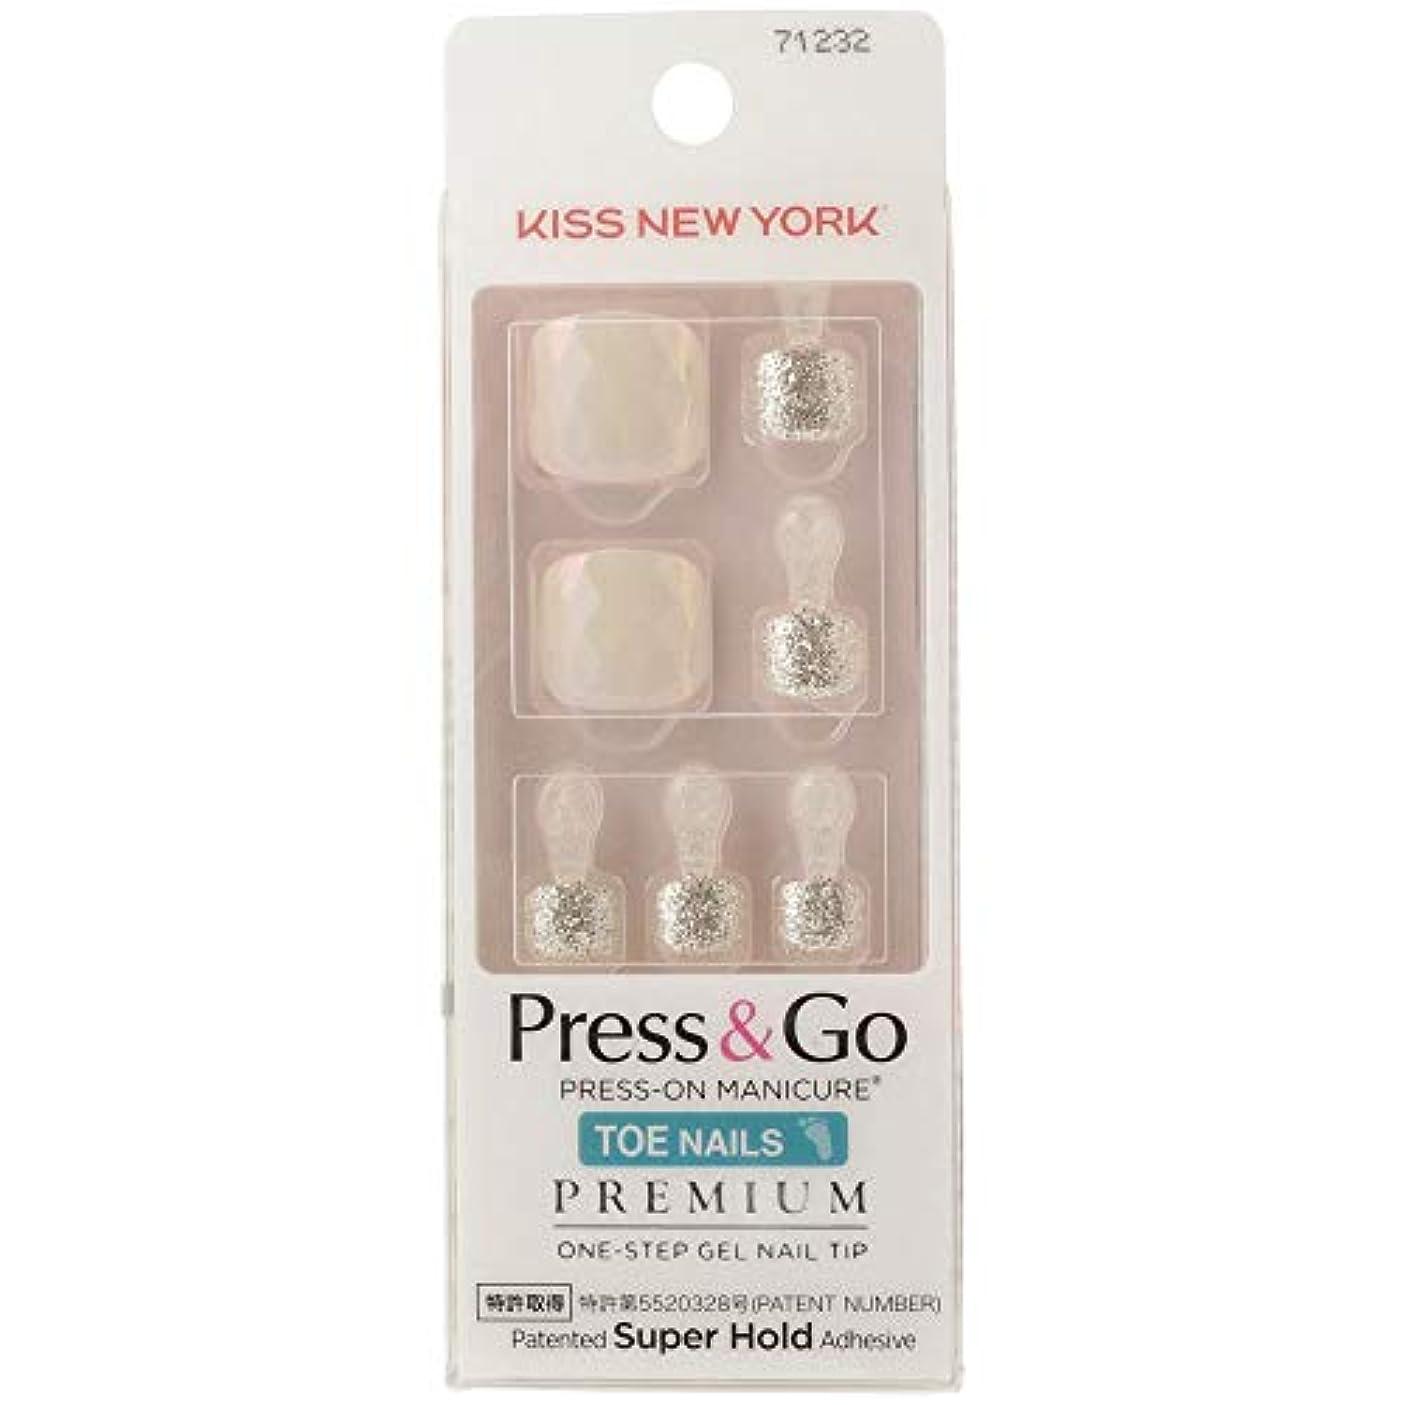 ピアニスト感じボルトキスニューヨーク (KISS NEW YORK) KISS NEWYORK フットネイルチップPress&Go BHJT10J 18g